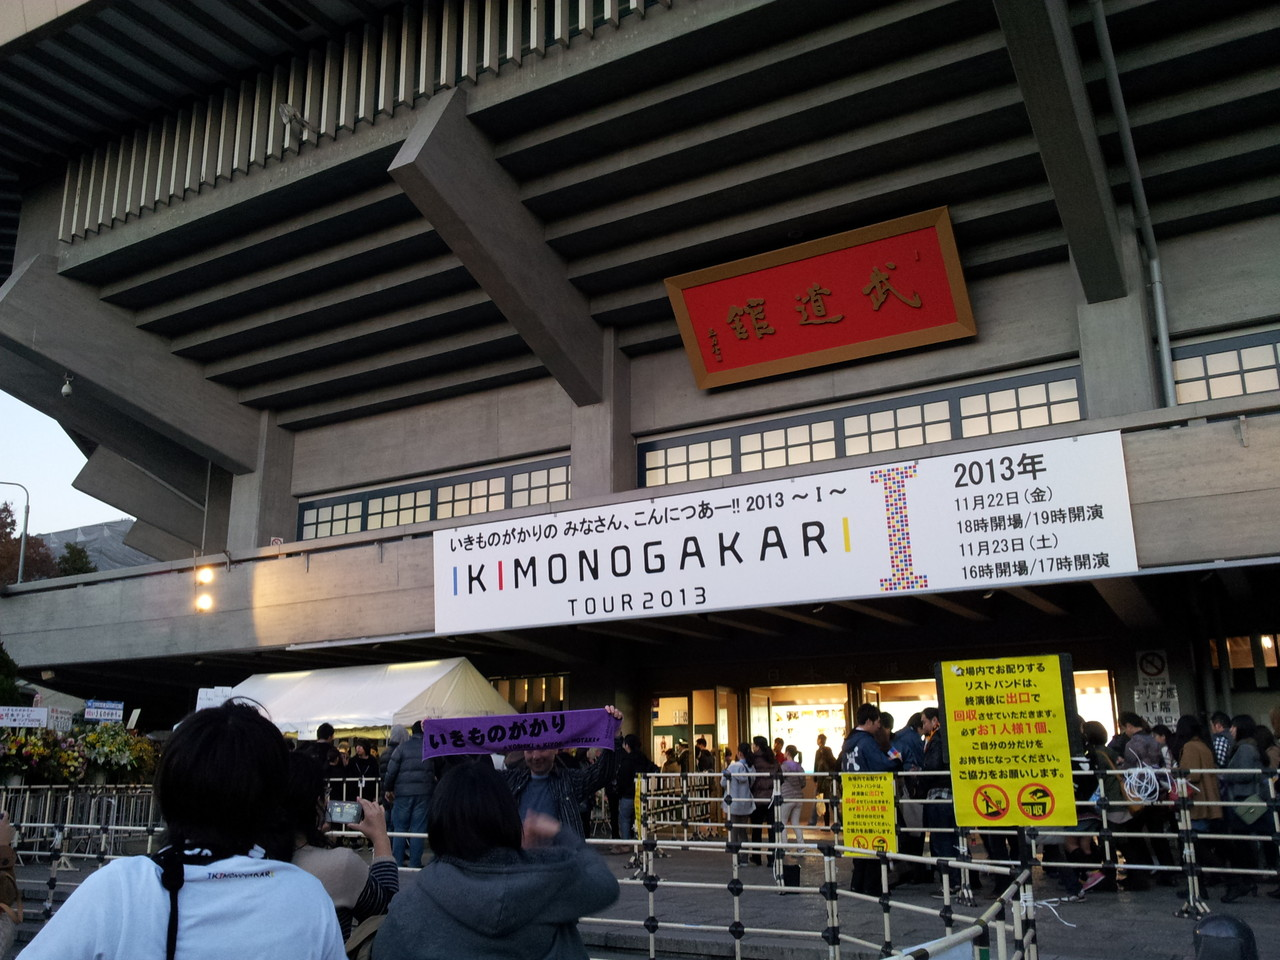 いきものがかりツアー2013 武道館公演がすごかった